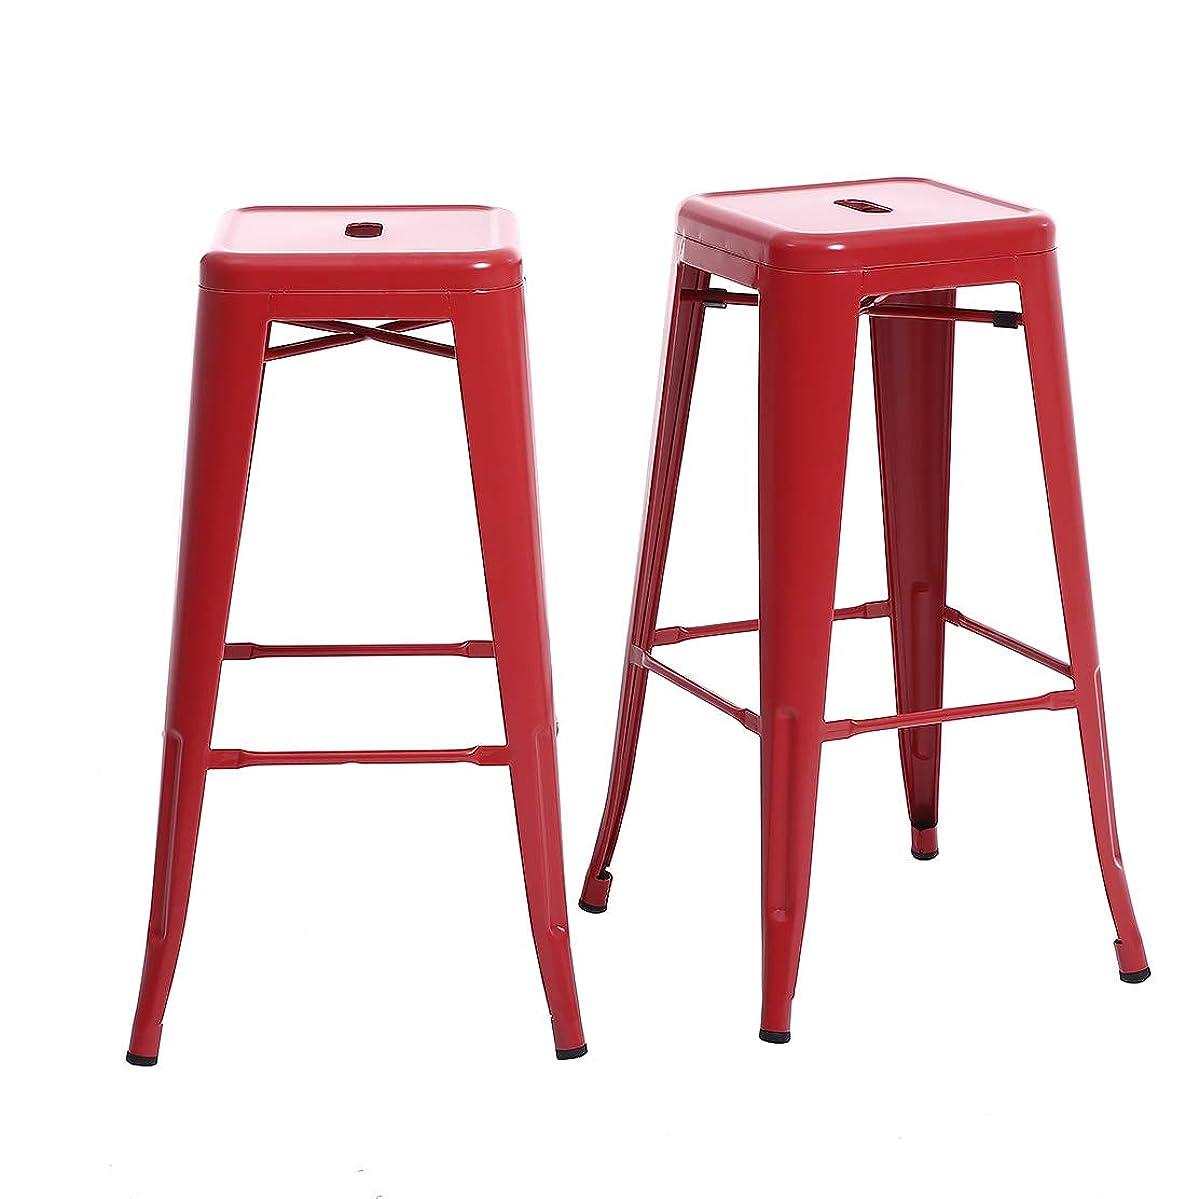 Buschman Set of 2 Matte Red 30 Inch Bar Height Metal Bar Stools, Indoor/Outdoor, Stackable